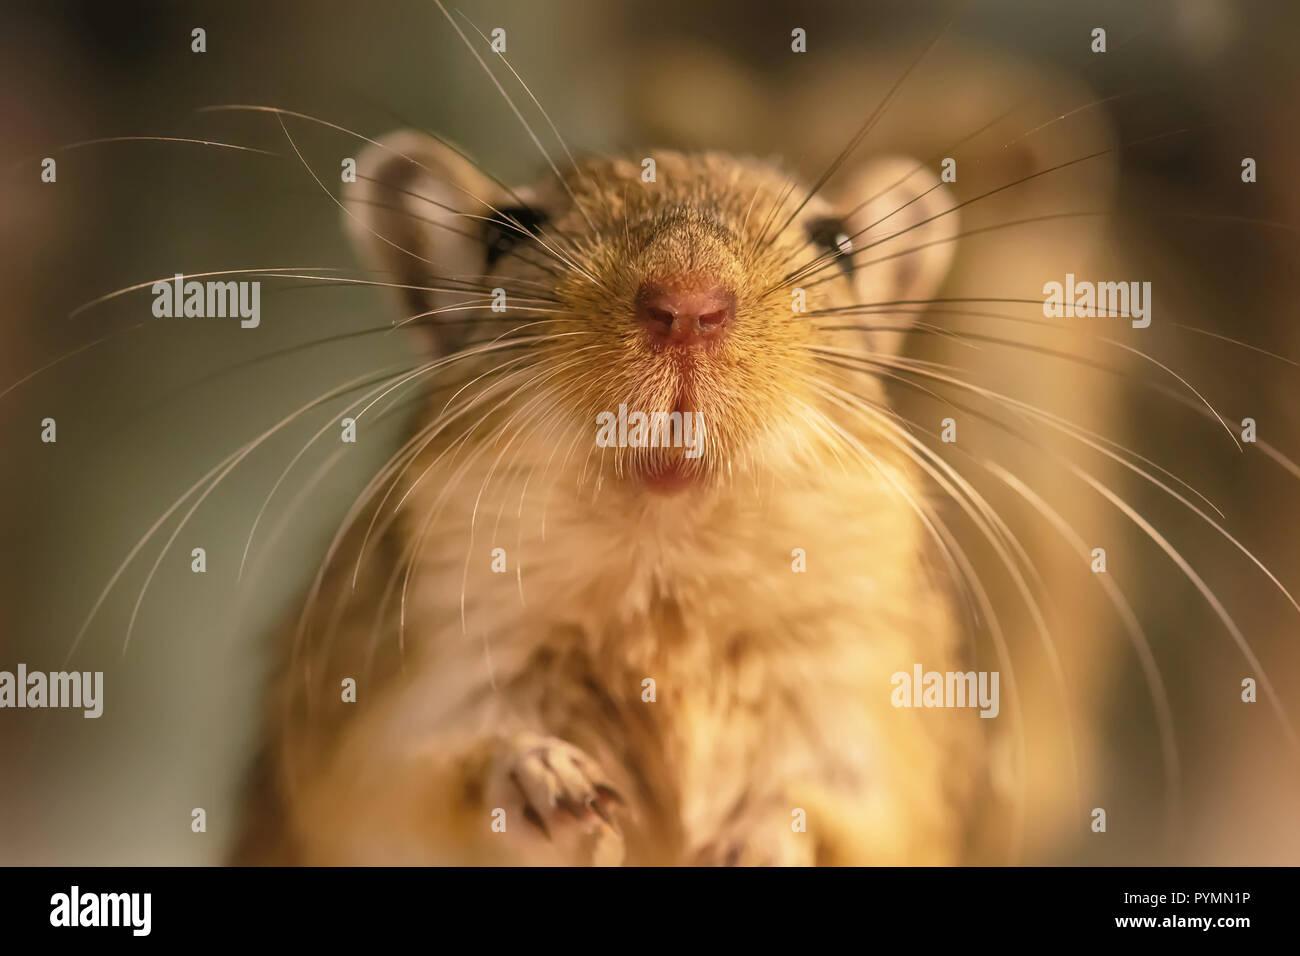 Eine wüstenrennmaus oder Desert Rats ist ein kleines Säugetier. Stockbild